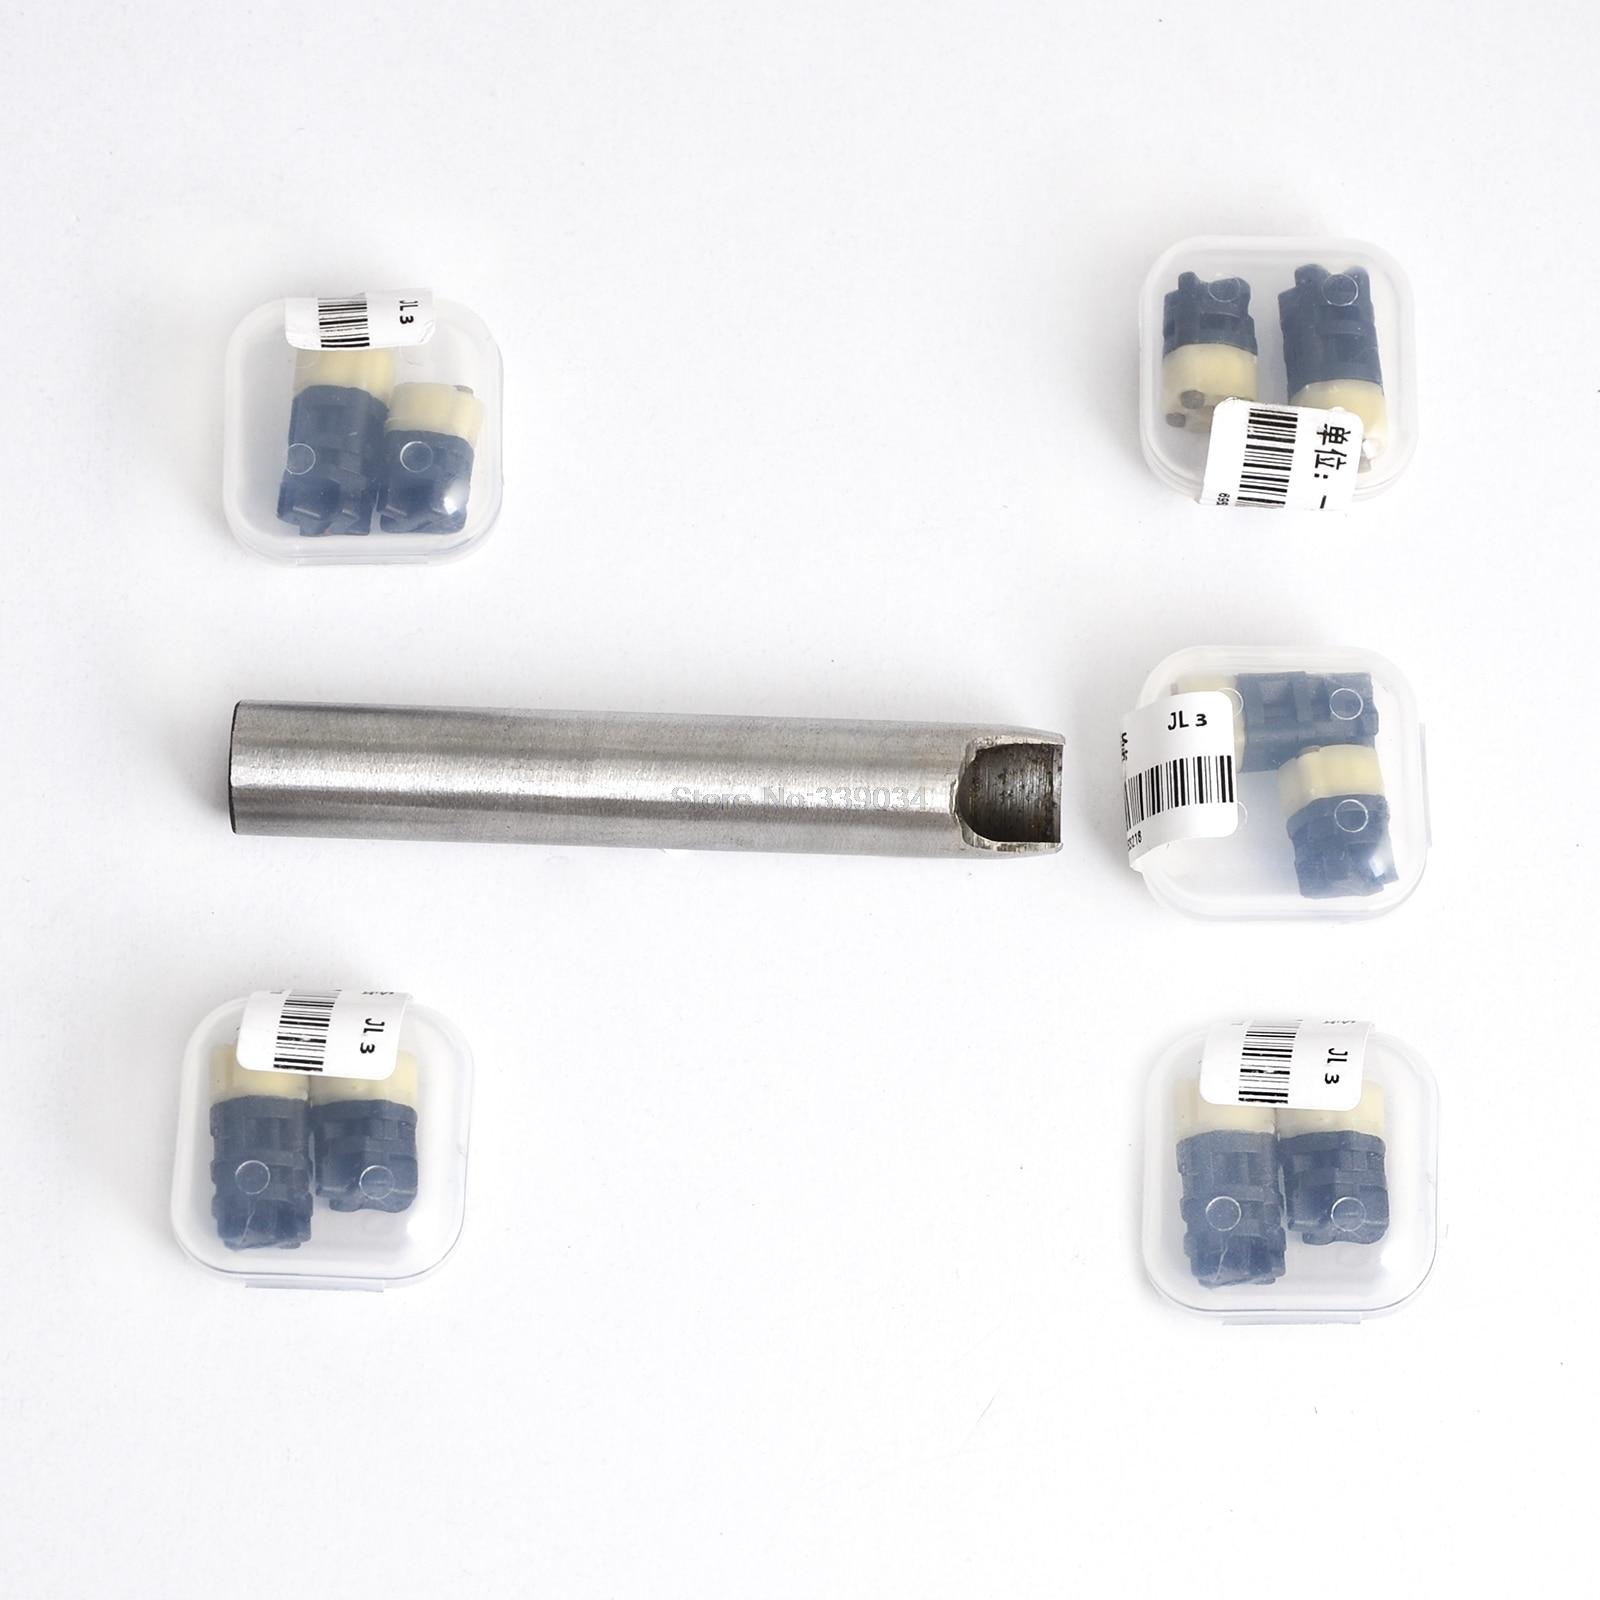 5 двойки 722.9 сензор за контролен модул за Mercedes Benz 7G датчик за скорост на скоростна кутия за W221 S300 S350 S500 S550 S600